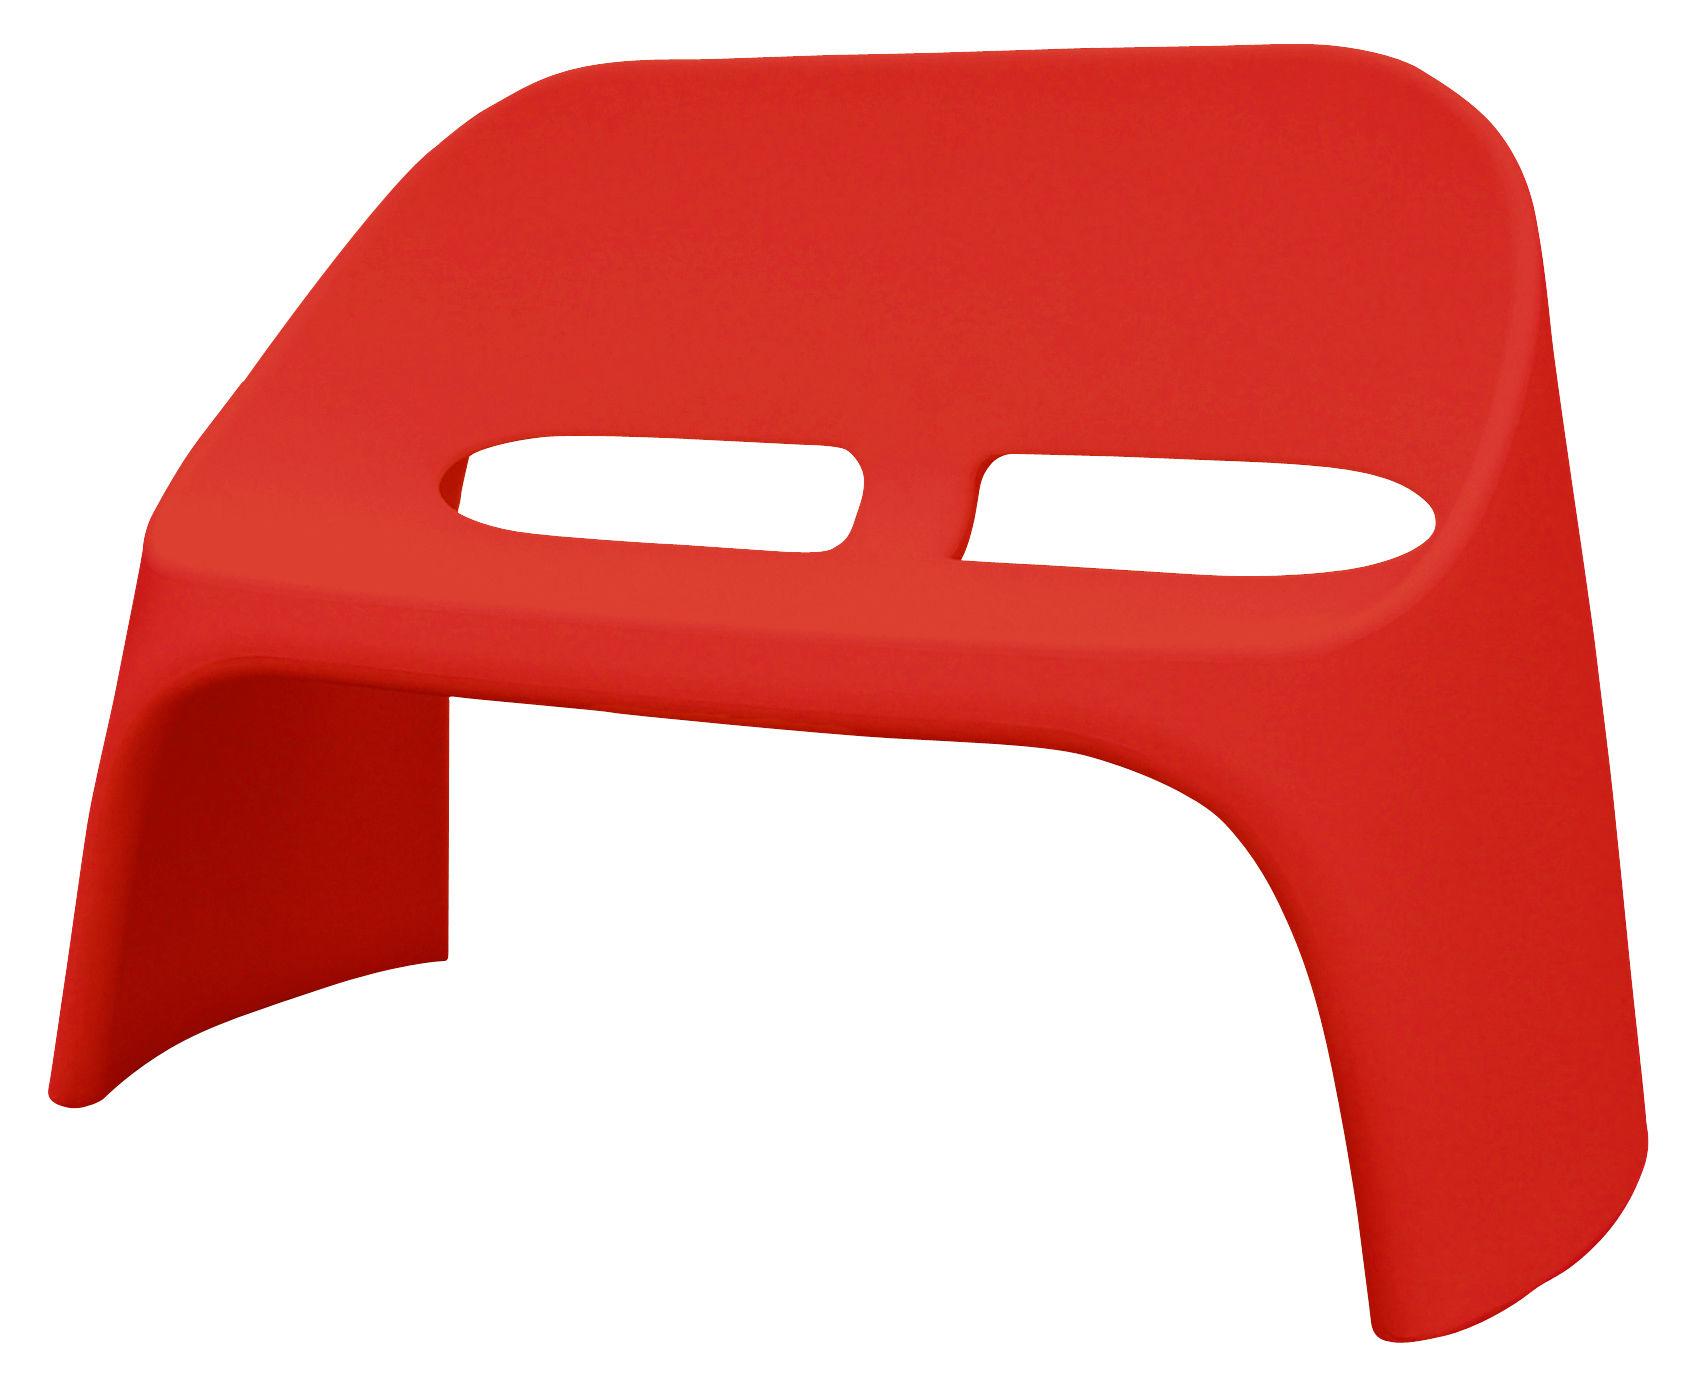 Möbel - Bänke - Amélie Bank mit Rückenlehne 2-Sitzer - Slide - Rot - polyéthène recyclable